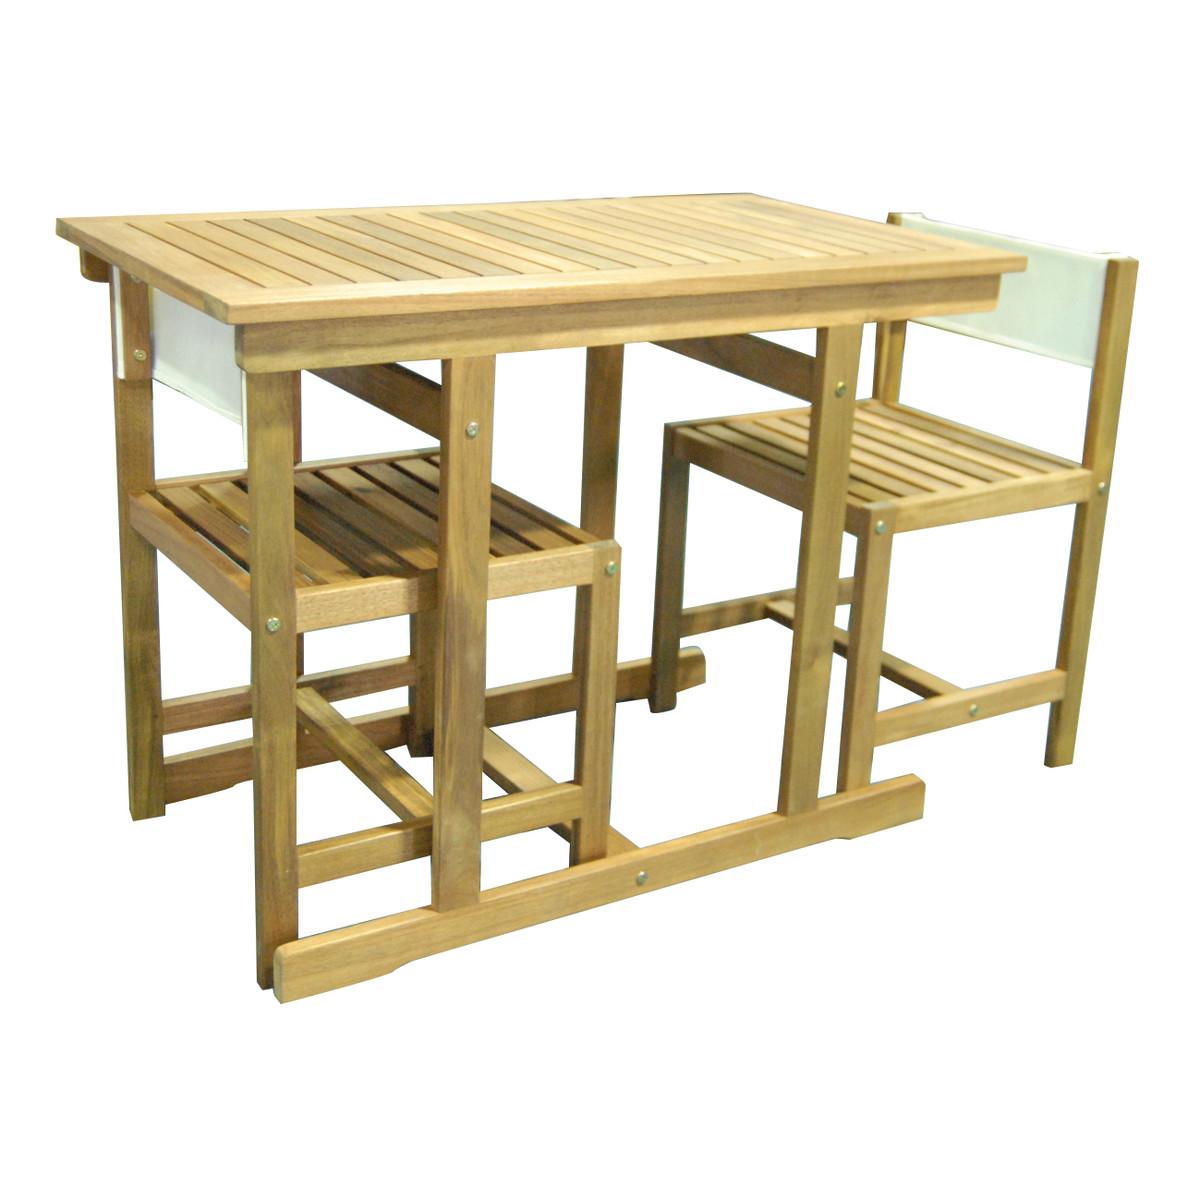 Tavoli In Legno Da Esterno Leroy Merlin.Leroy Merlin Pavimenti Da Esterno Design Per La Casa Aradz Com